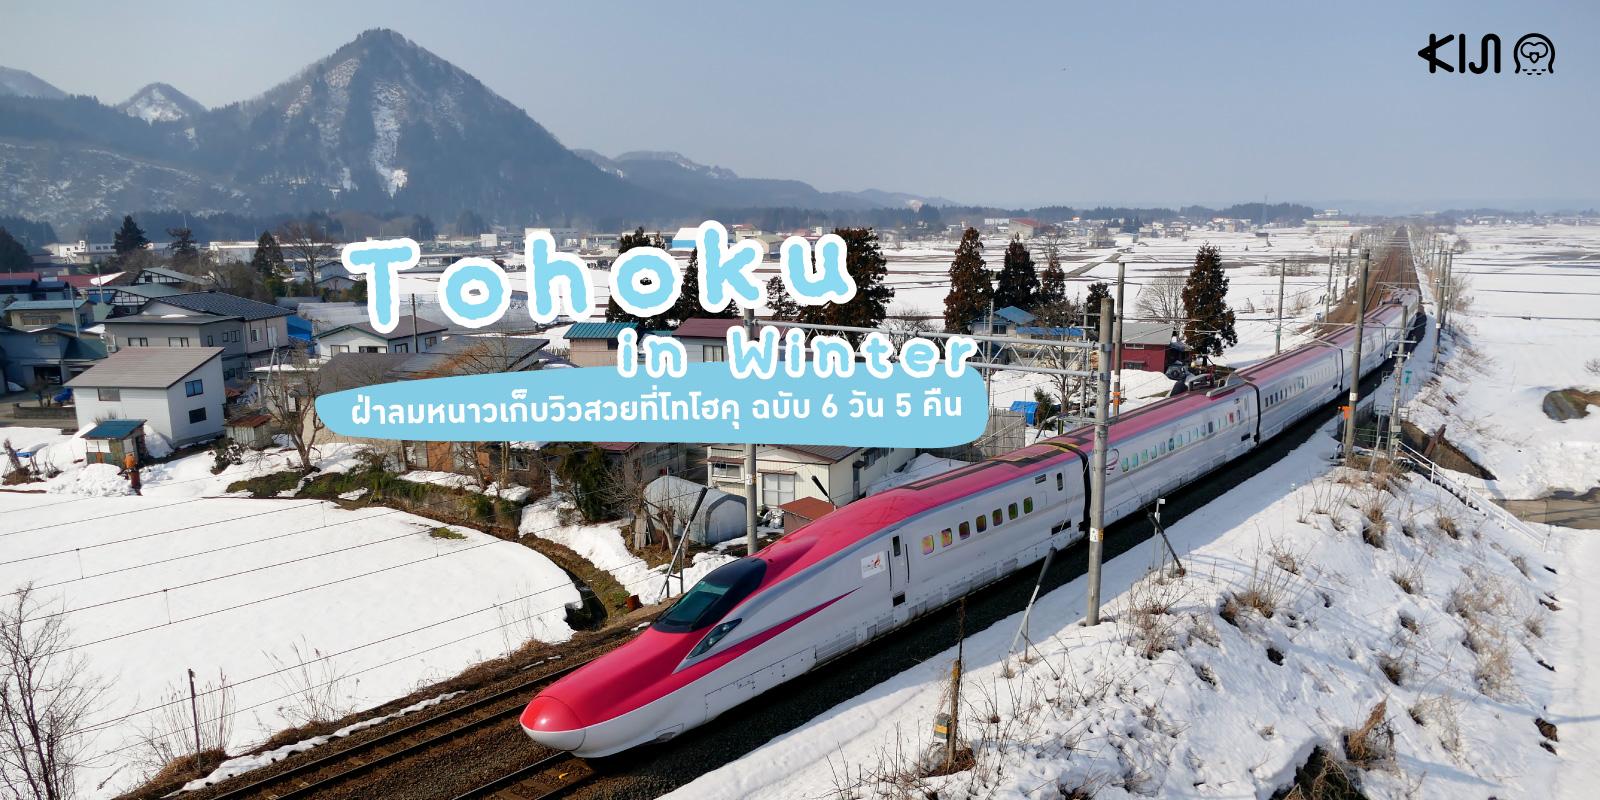 เที่ยว โทโฮคุ ใน ฤดูหนาว กับ Jr East